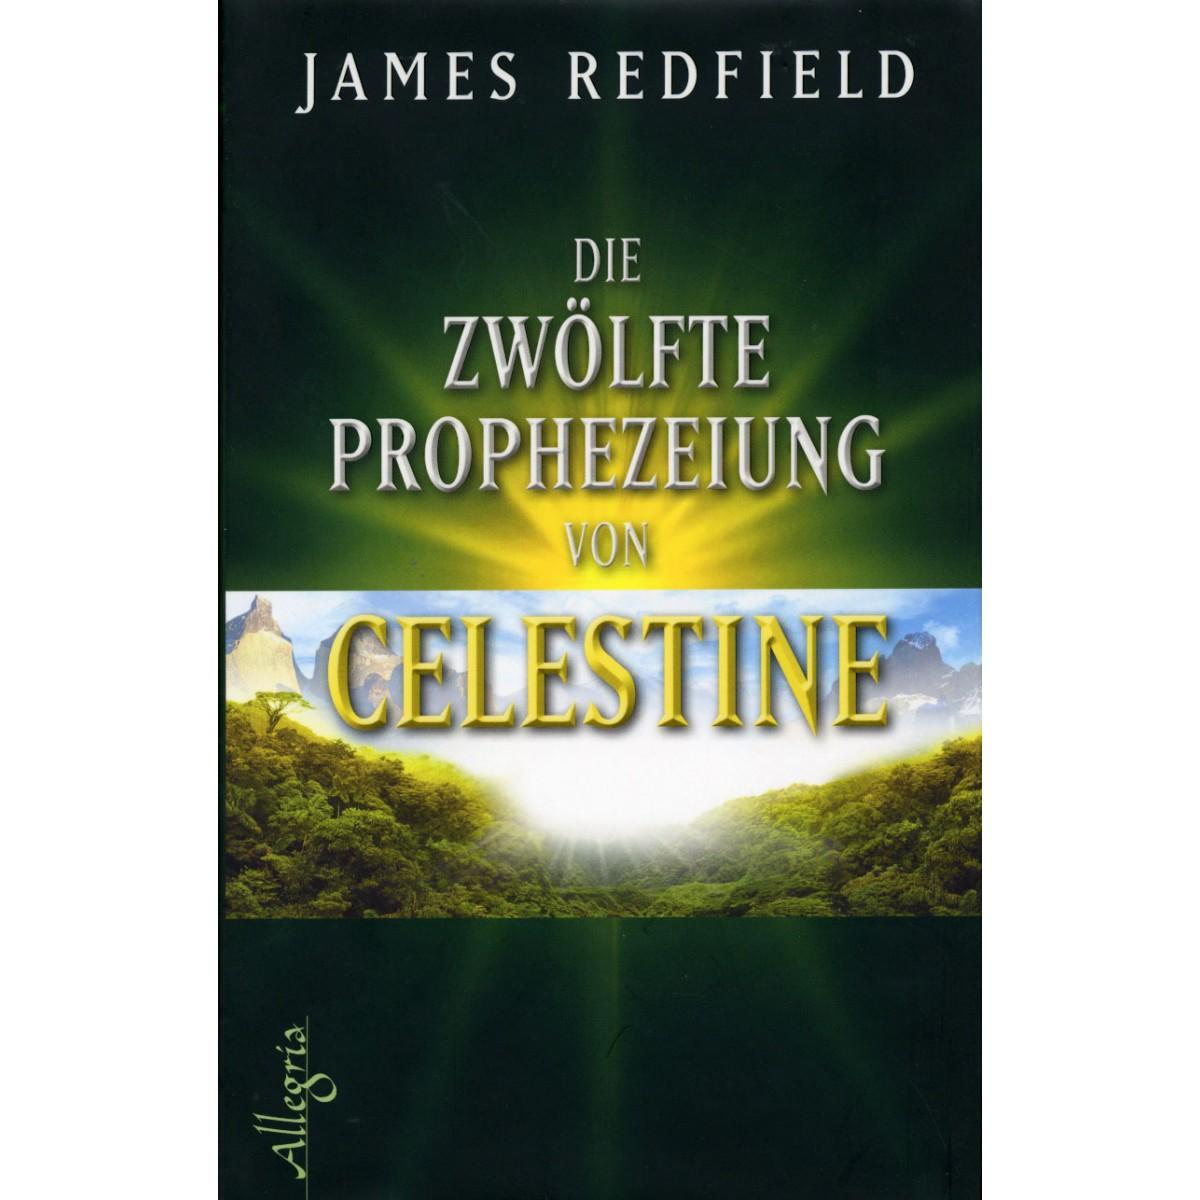 Redfield James, Die zwölfte Prophezeiung von Celestine